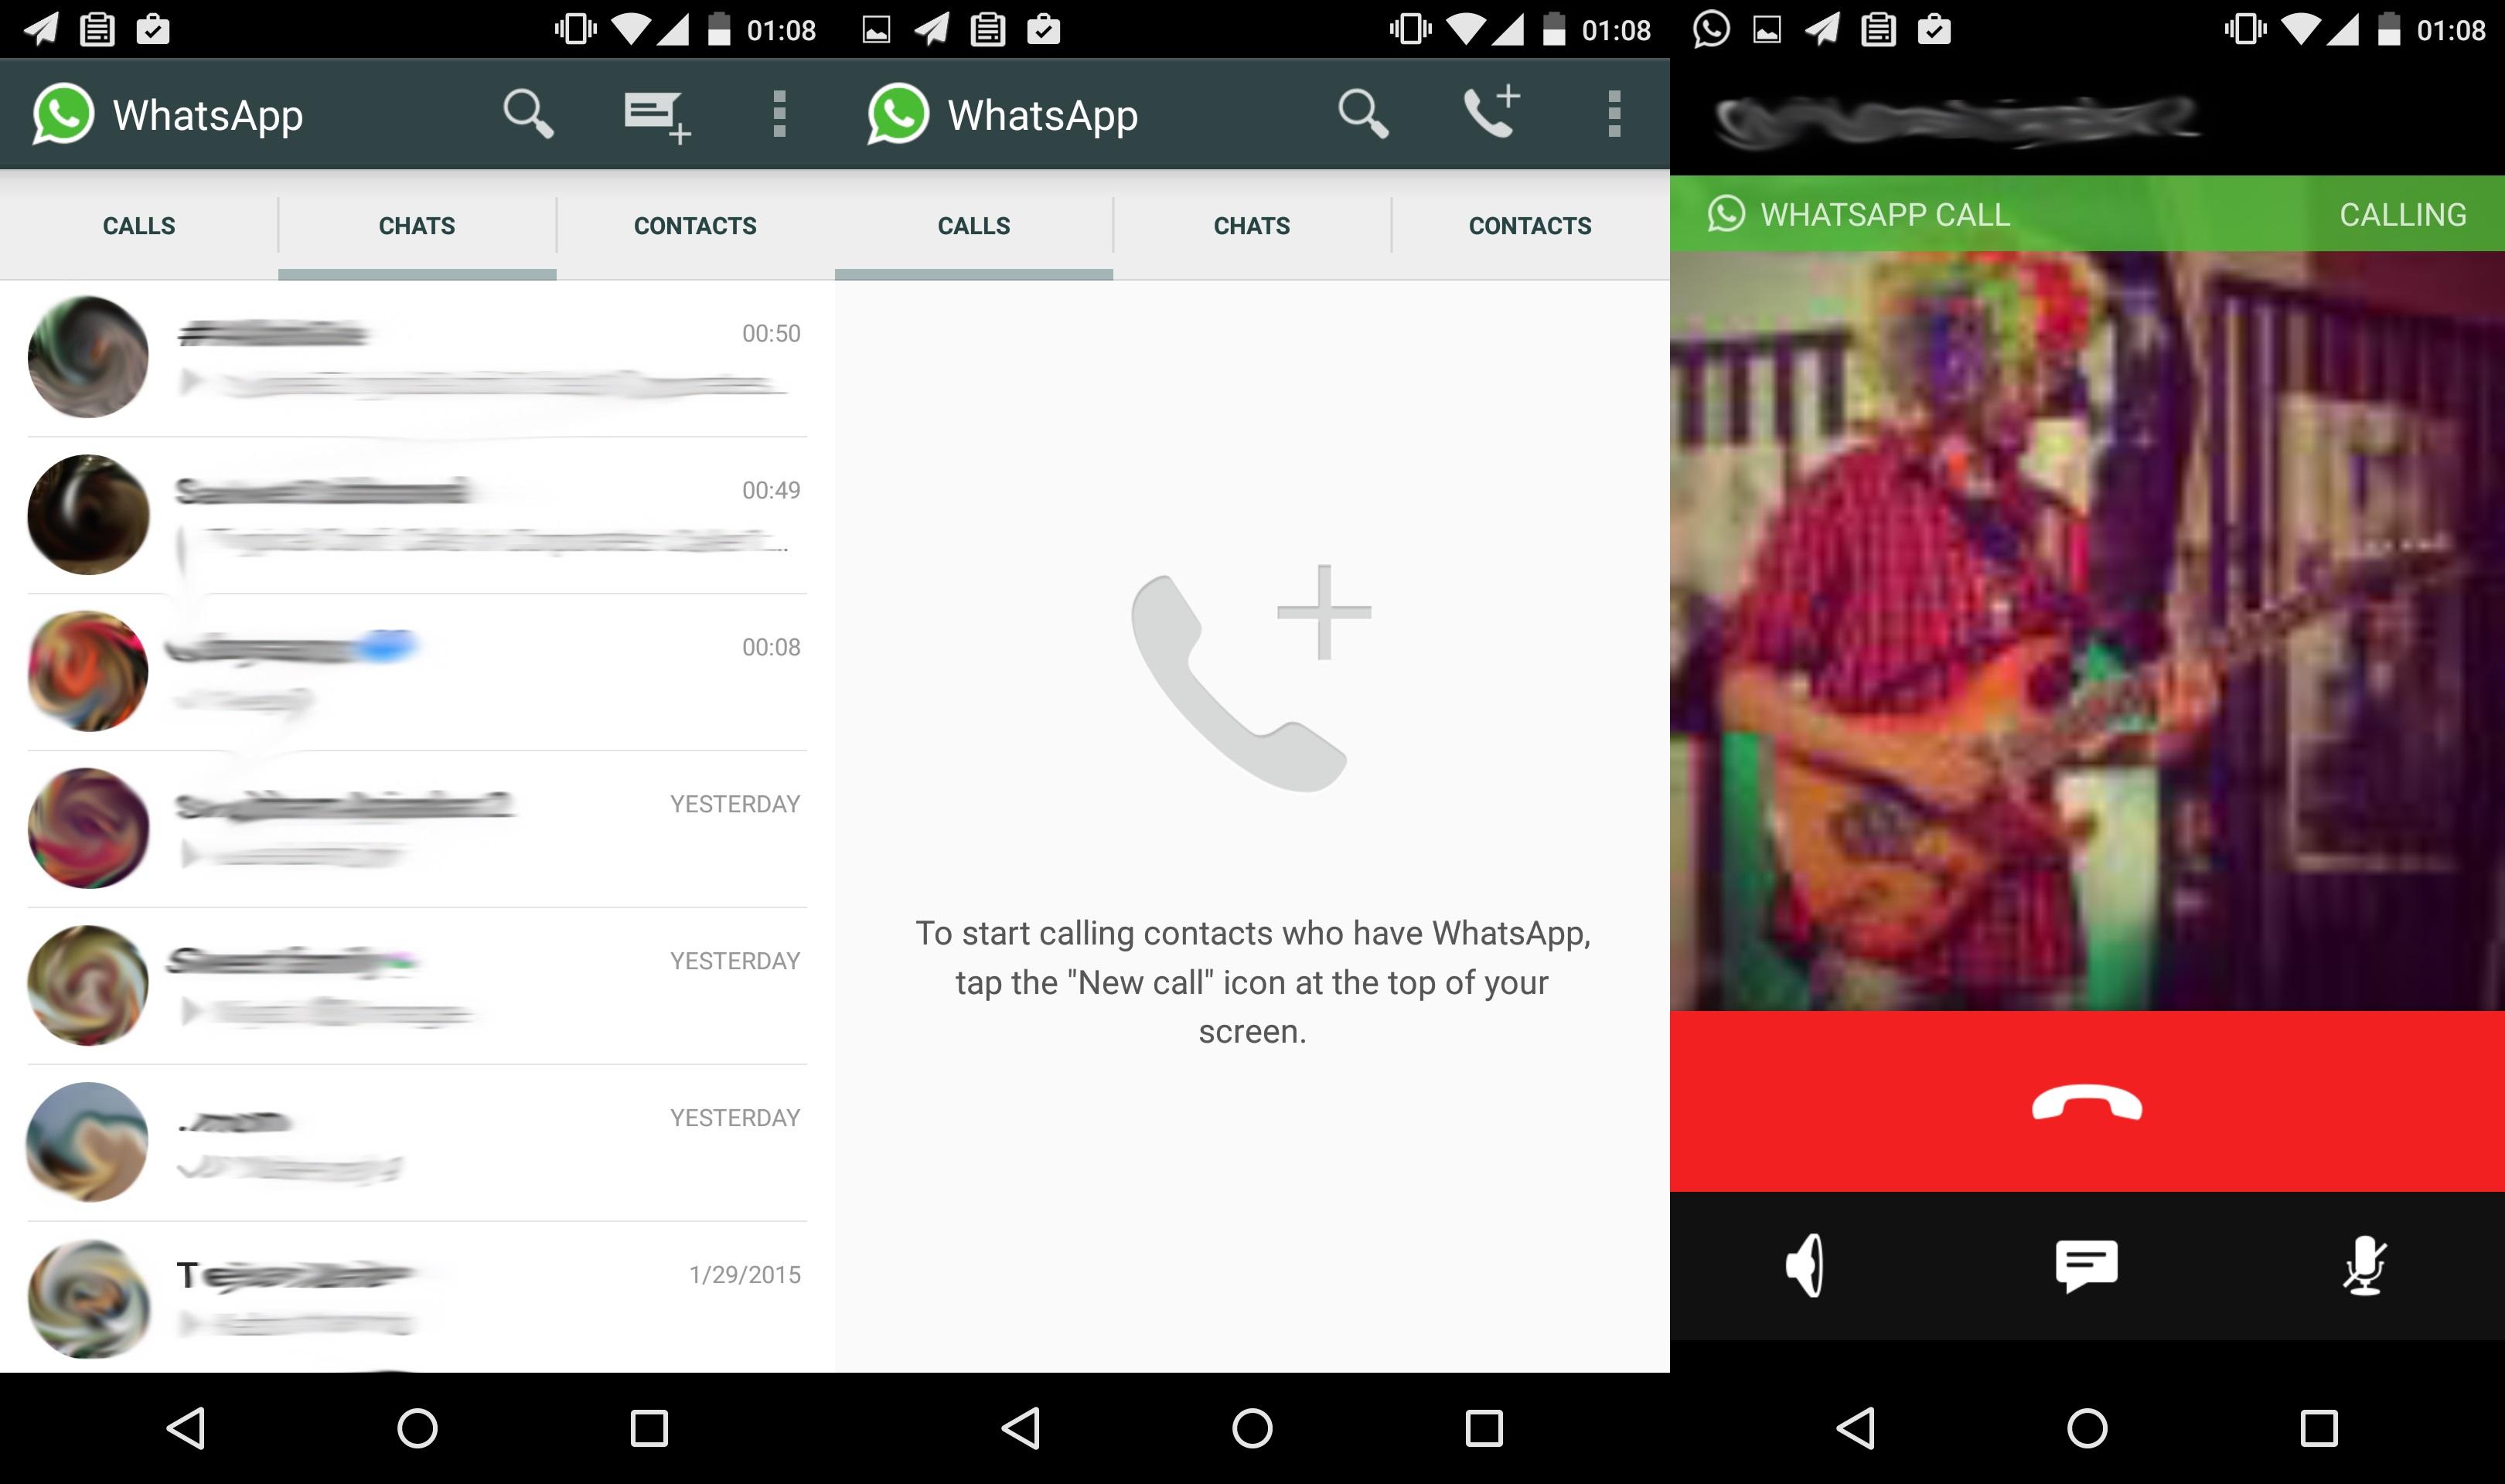 WhatsApp testa recurso de chamadas por voz gratuitas com alguns usuários